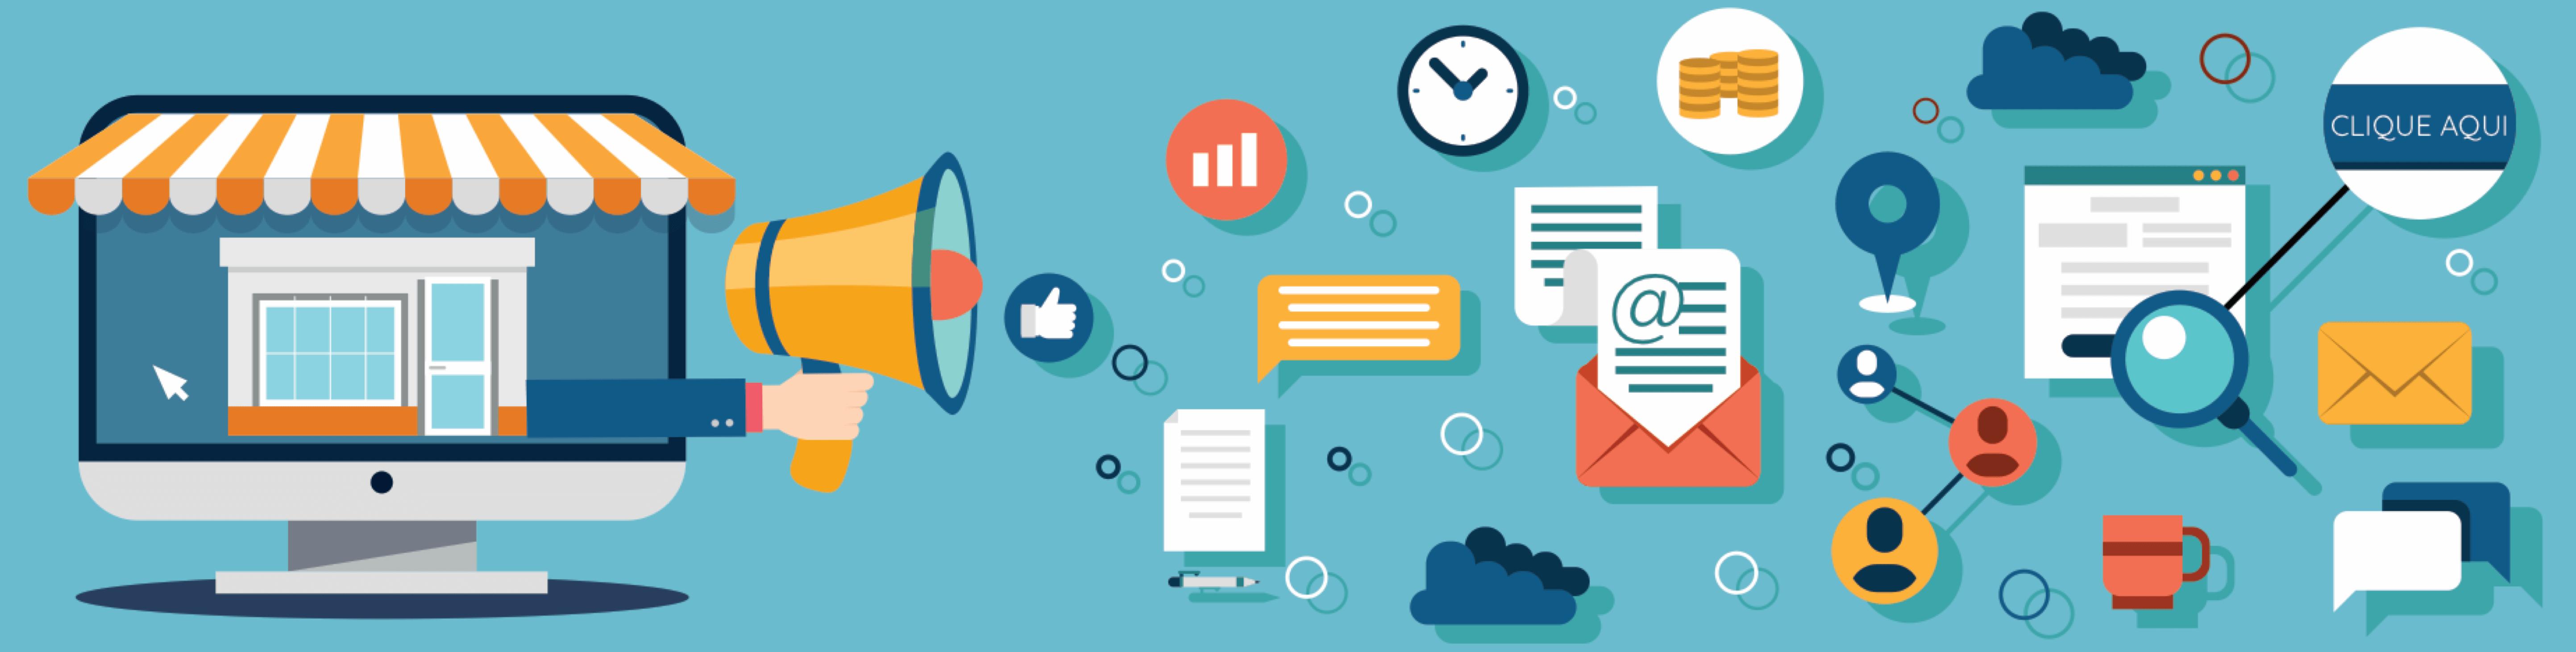 5 dicas de Marketing Digital para ponto de venda físico